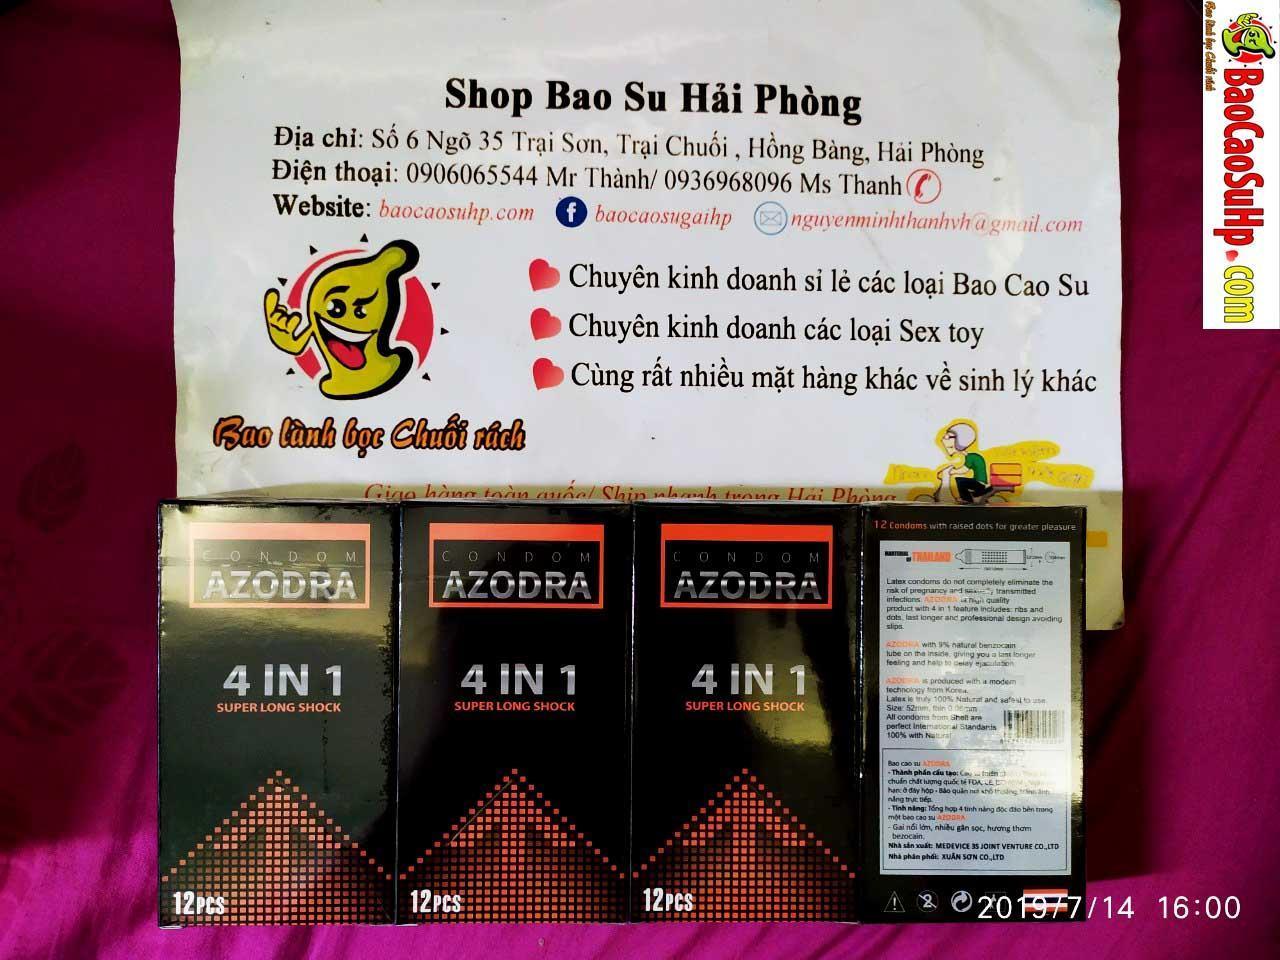 20190714213515 9352046 bao cao su azodra thai lan - Bao cao su gai gân kéo dài , thuốc cường dương các loại hàng về ngày 14.07.2019